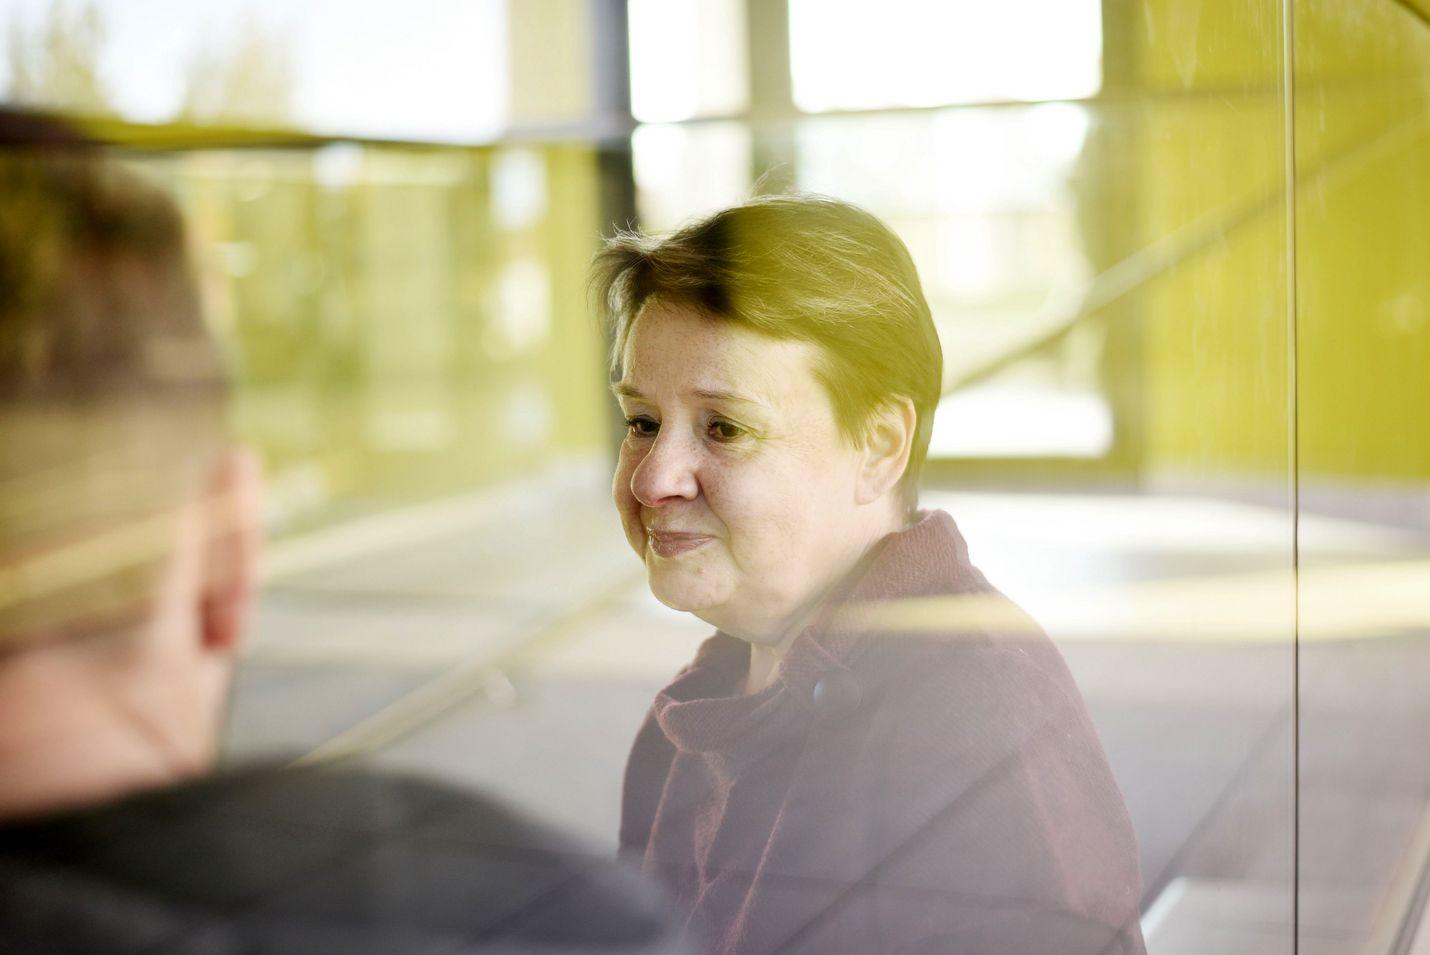 STM:n kansliapäällikkö Kirsi Varhila kertoo kolumnissaan, kuinka hallitus päätyi keväällä siihen, että kasvomaskeja ei suositella. Hänen mukaansa nyt tieto maskien osalta on lisääntynyt.